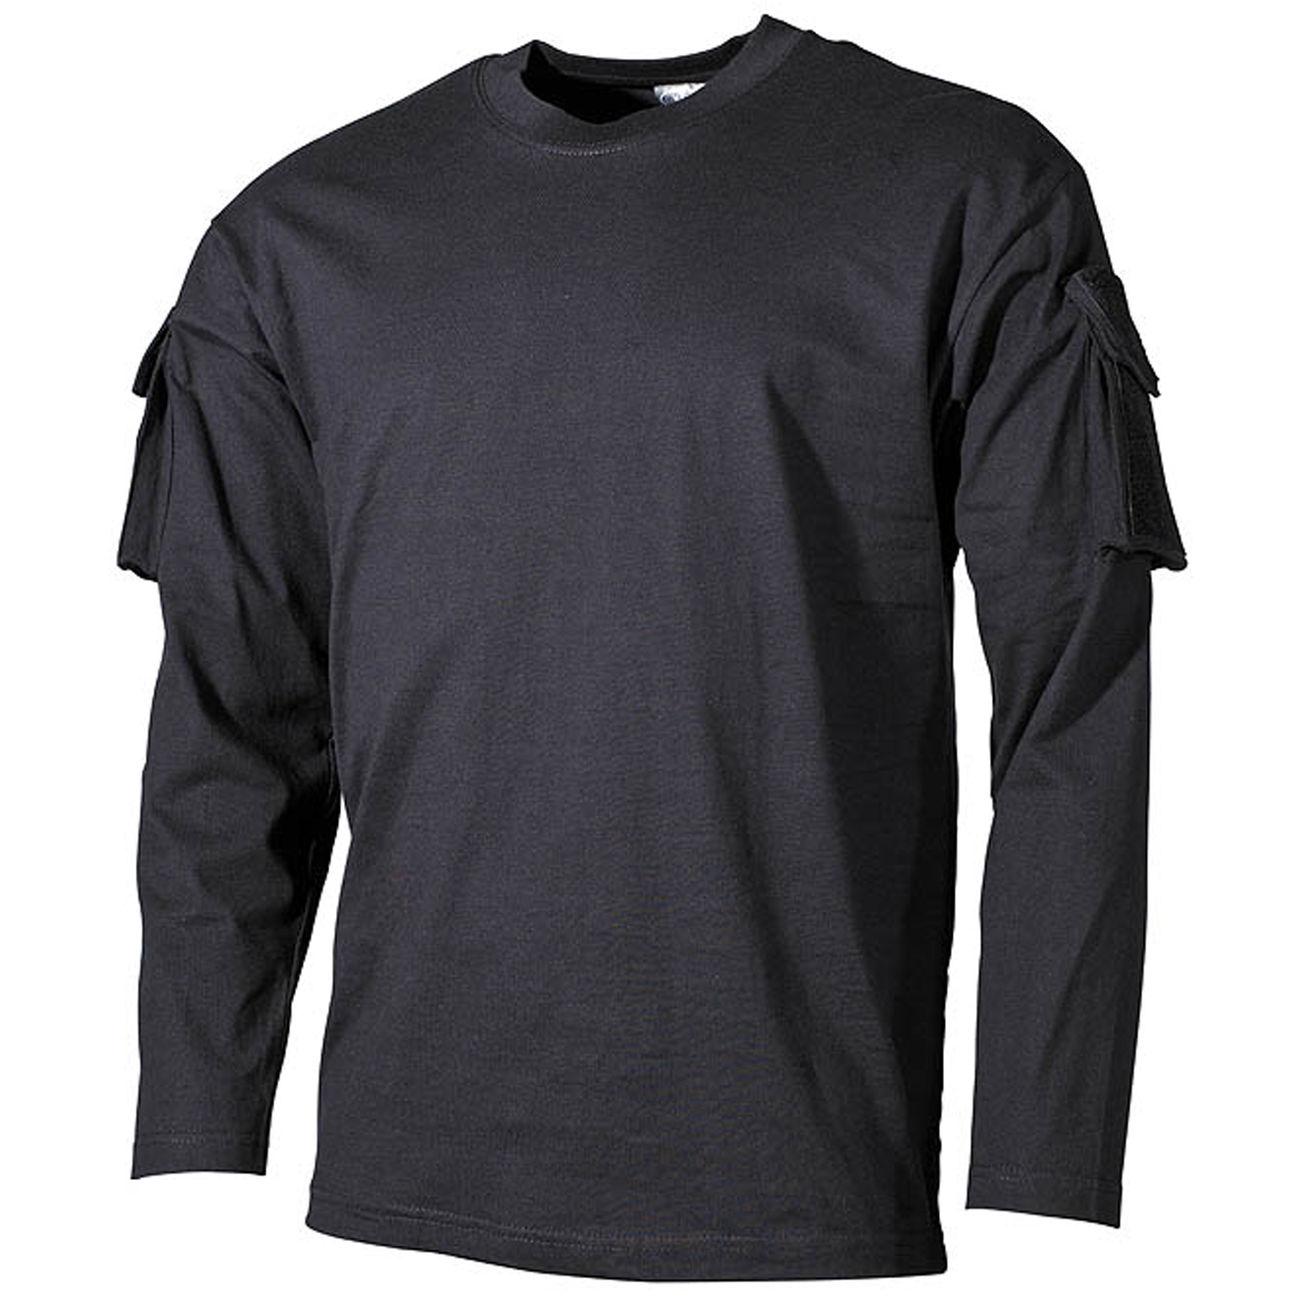 78a8288e87a59e MFH Langarmshirts US schwarz günstig kaufen - Kotte & Zeller